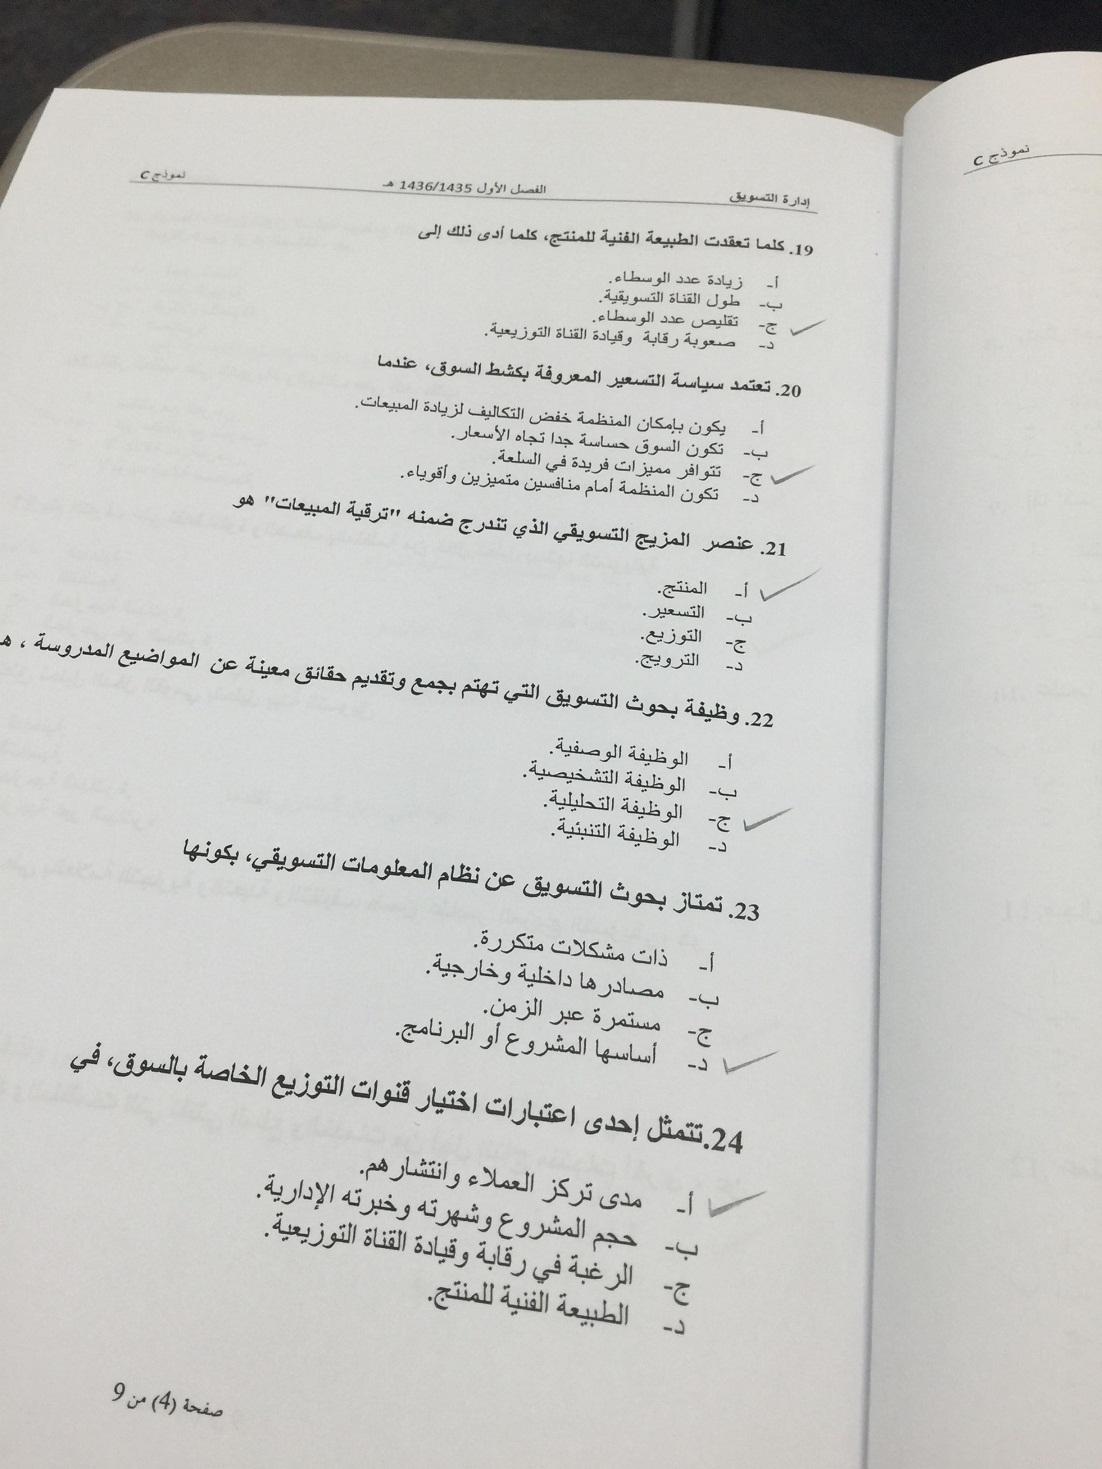 اسئلة اختبار إدارة التسويق الفصل 4634.jpg